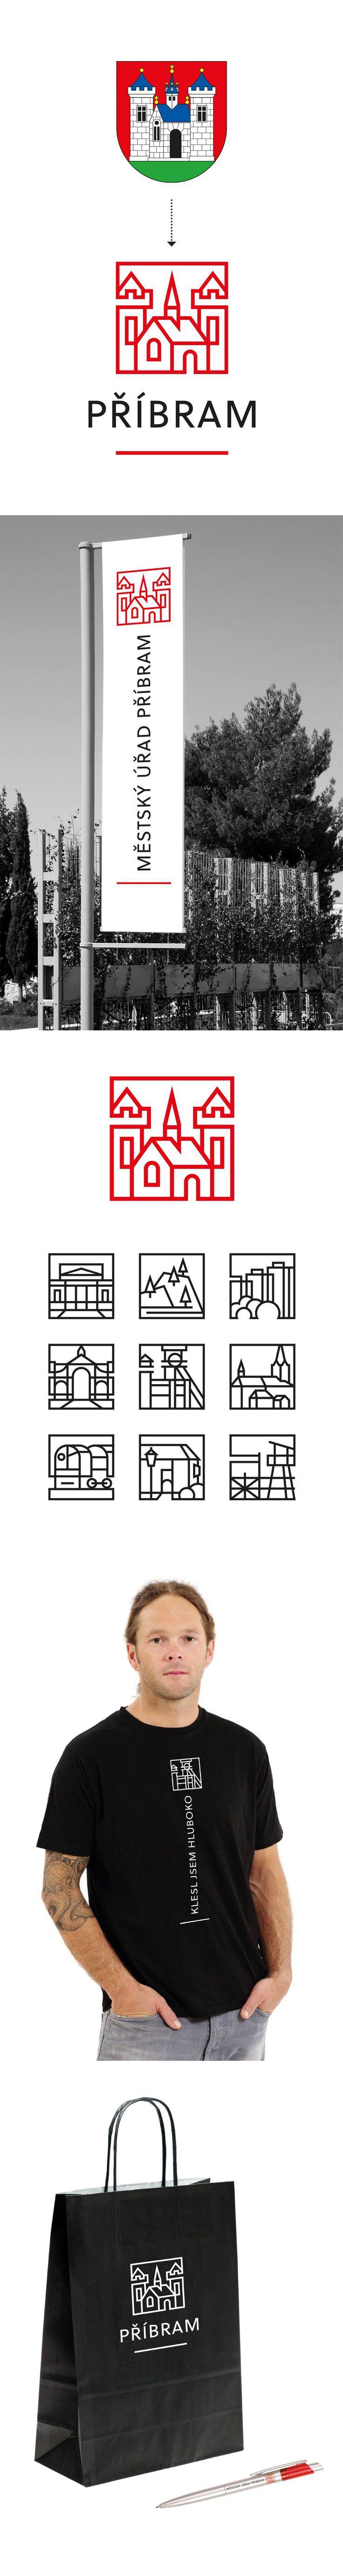 Příbram City New Logo & Identitny